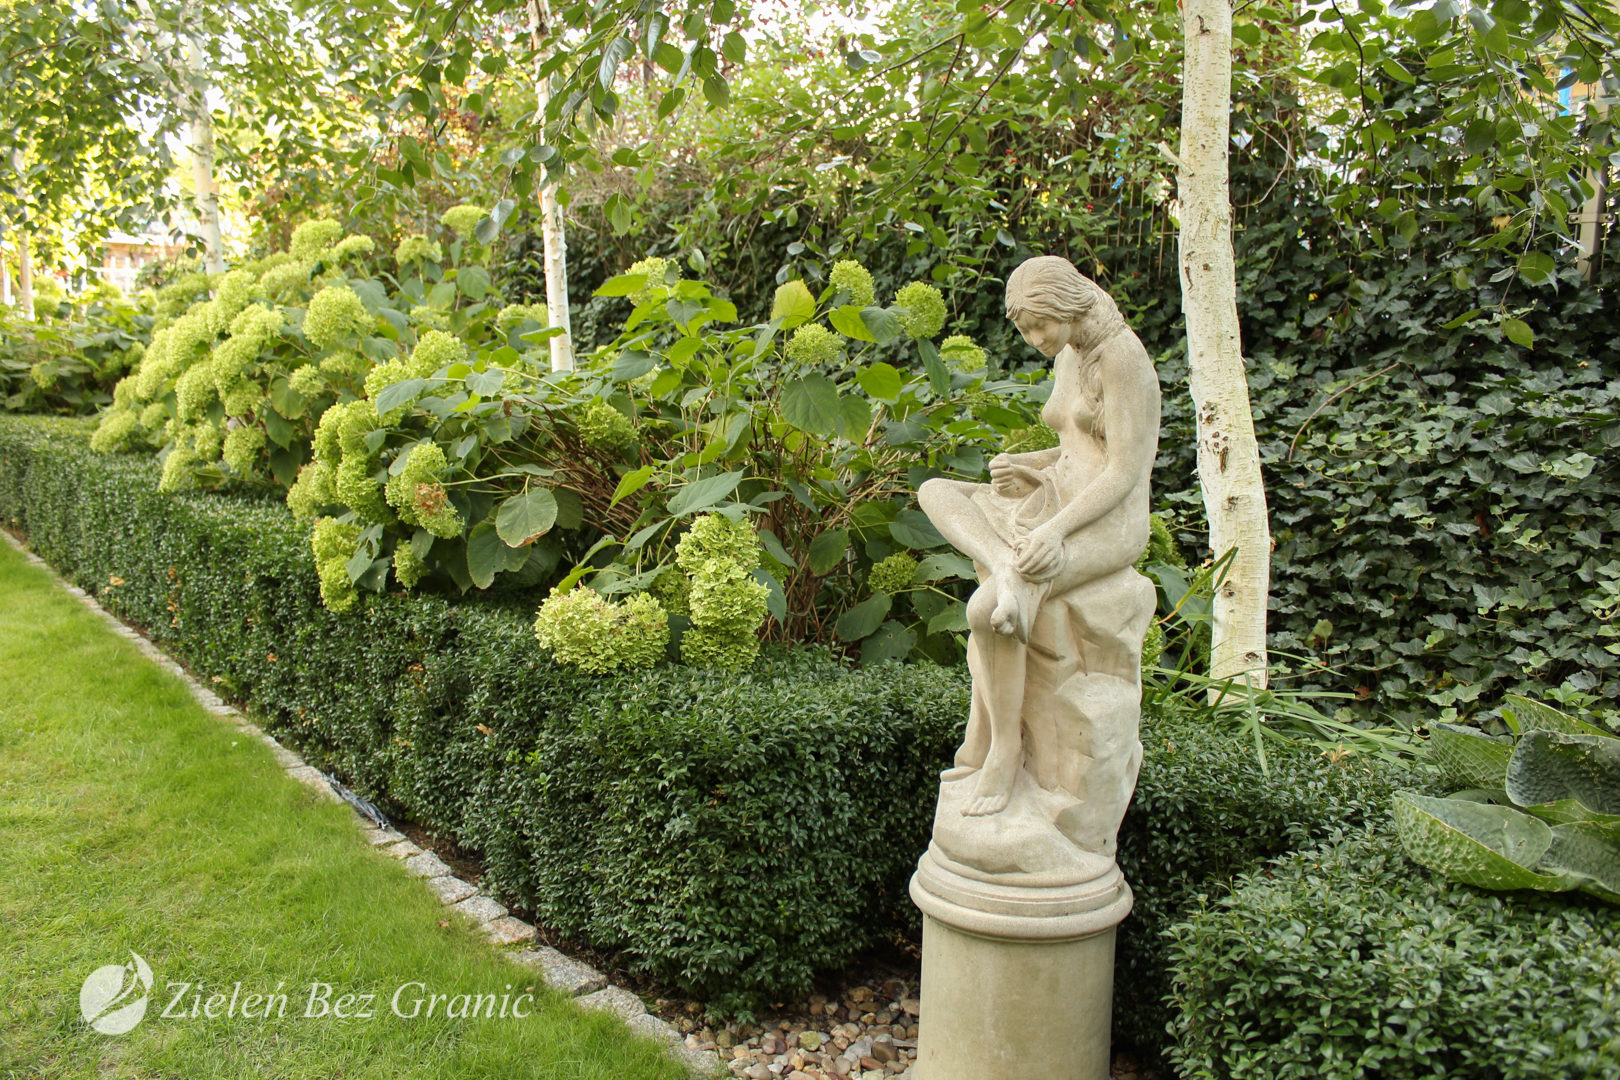 Rzeźba ogrodowa jako element dopełniający kompozycję.